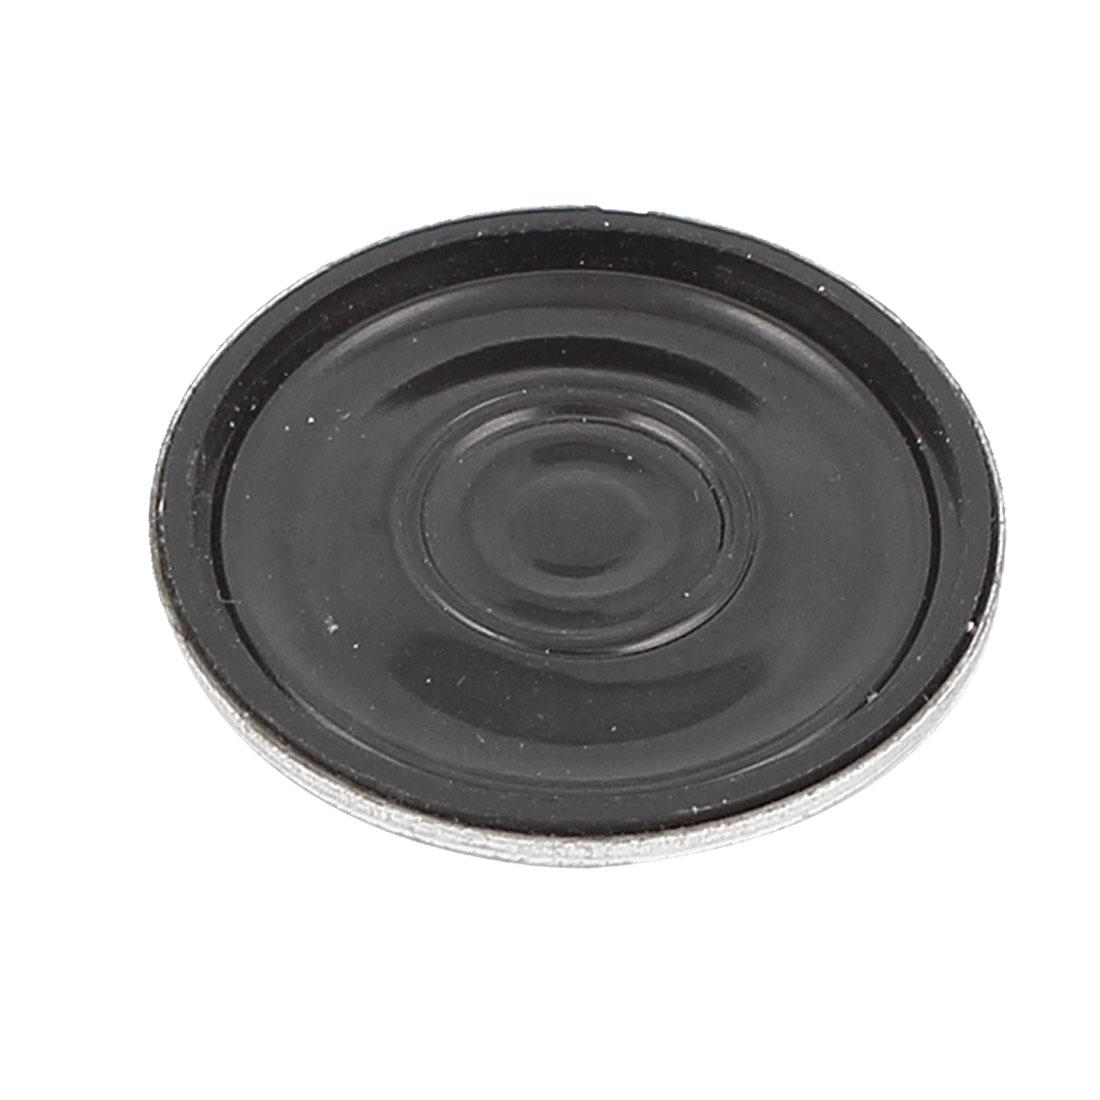 28mm Dia 32 Ohm 0.5W Aluminum Shell Internal Magnetic Speaker Horn Loudspeaker